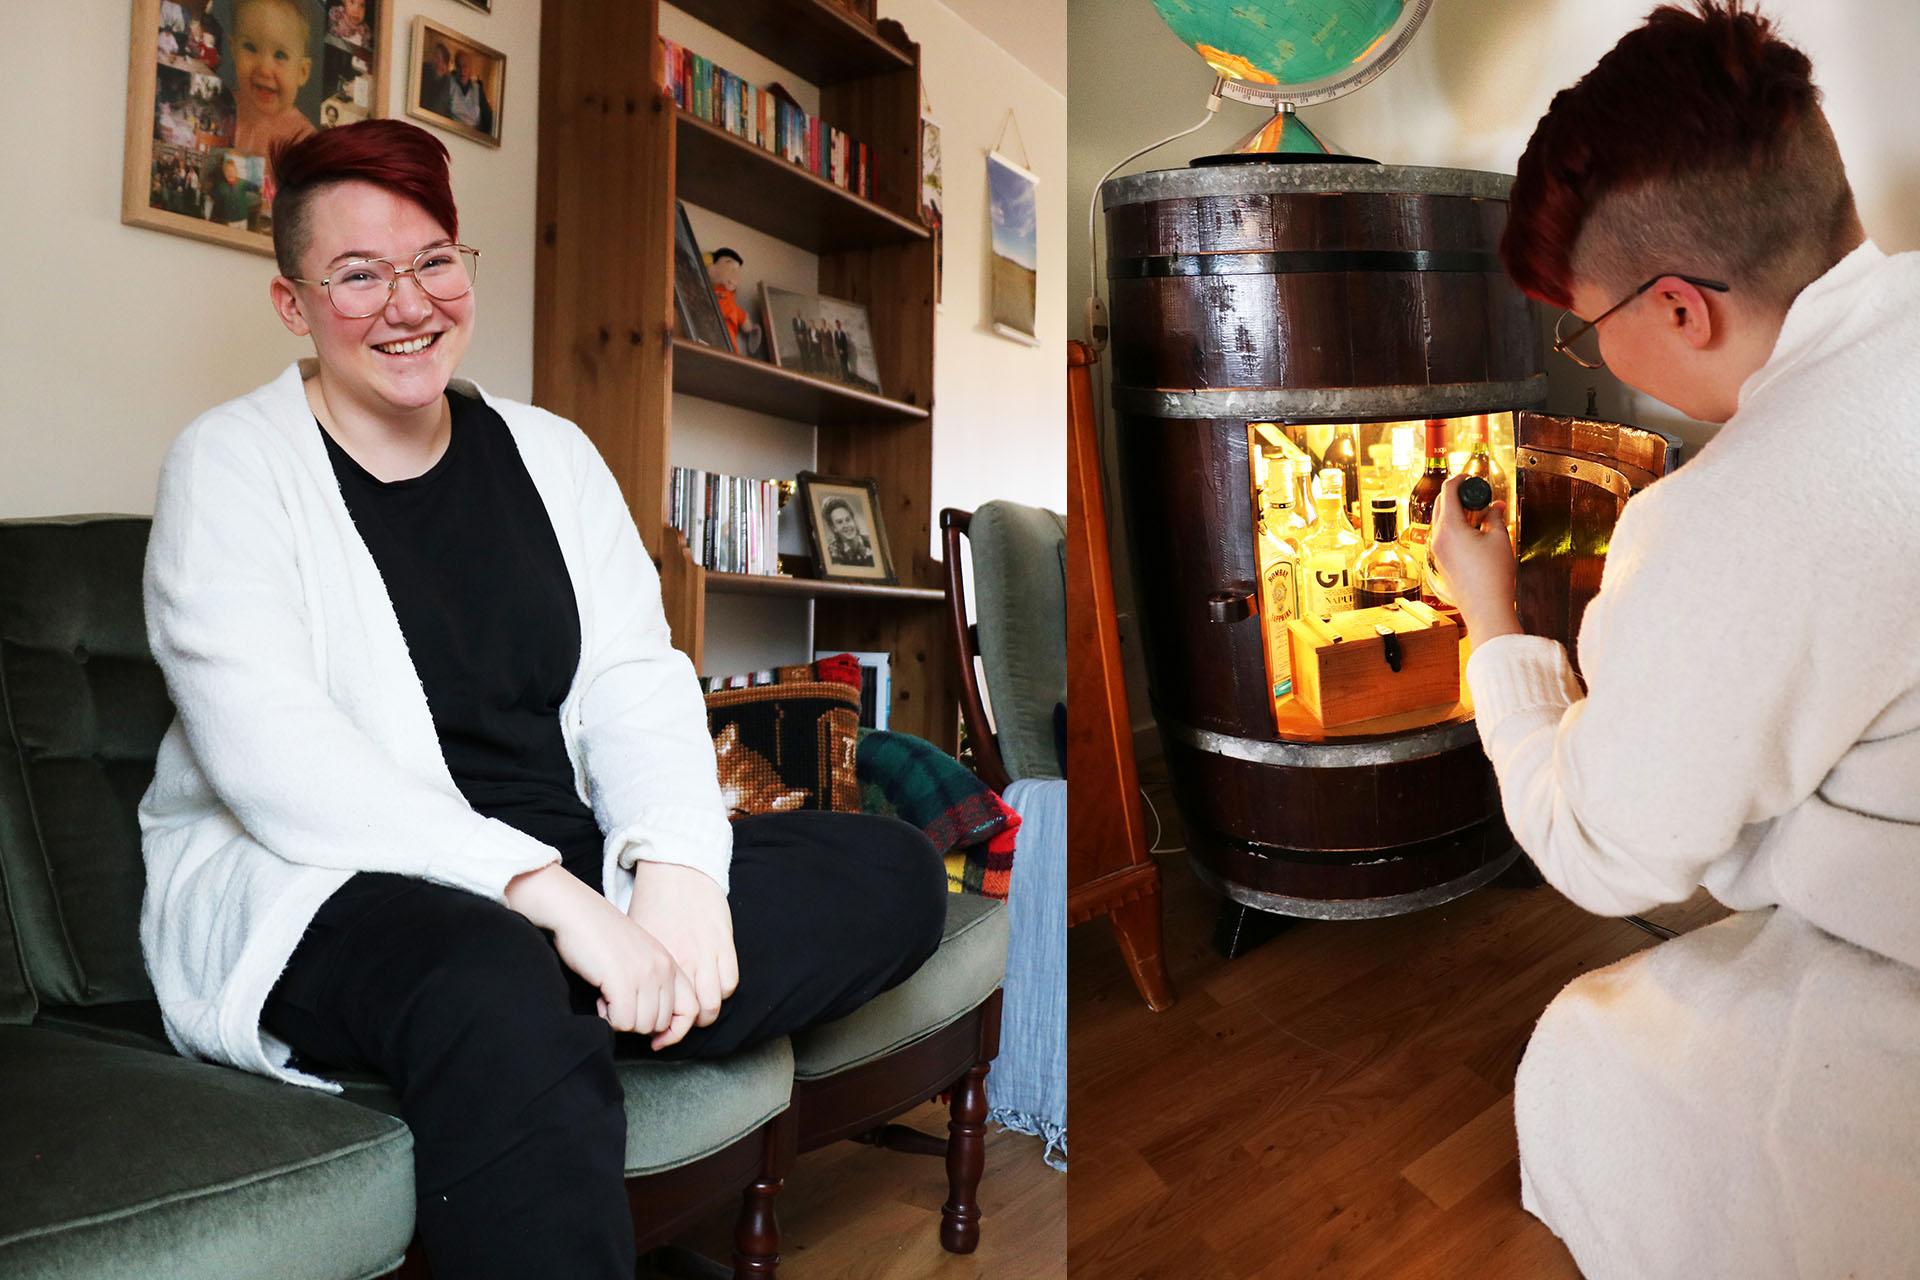 Frida Berglund räddar gärna möbler som annars skulle ha slängts. Barskåpet i form av en tunna fick hon av ett par i sin hemby. Frun hade tröttnat på mannens voluminösa inredningsdetalj. Så den fick ta plats hos Frida i stället.